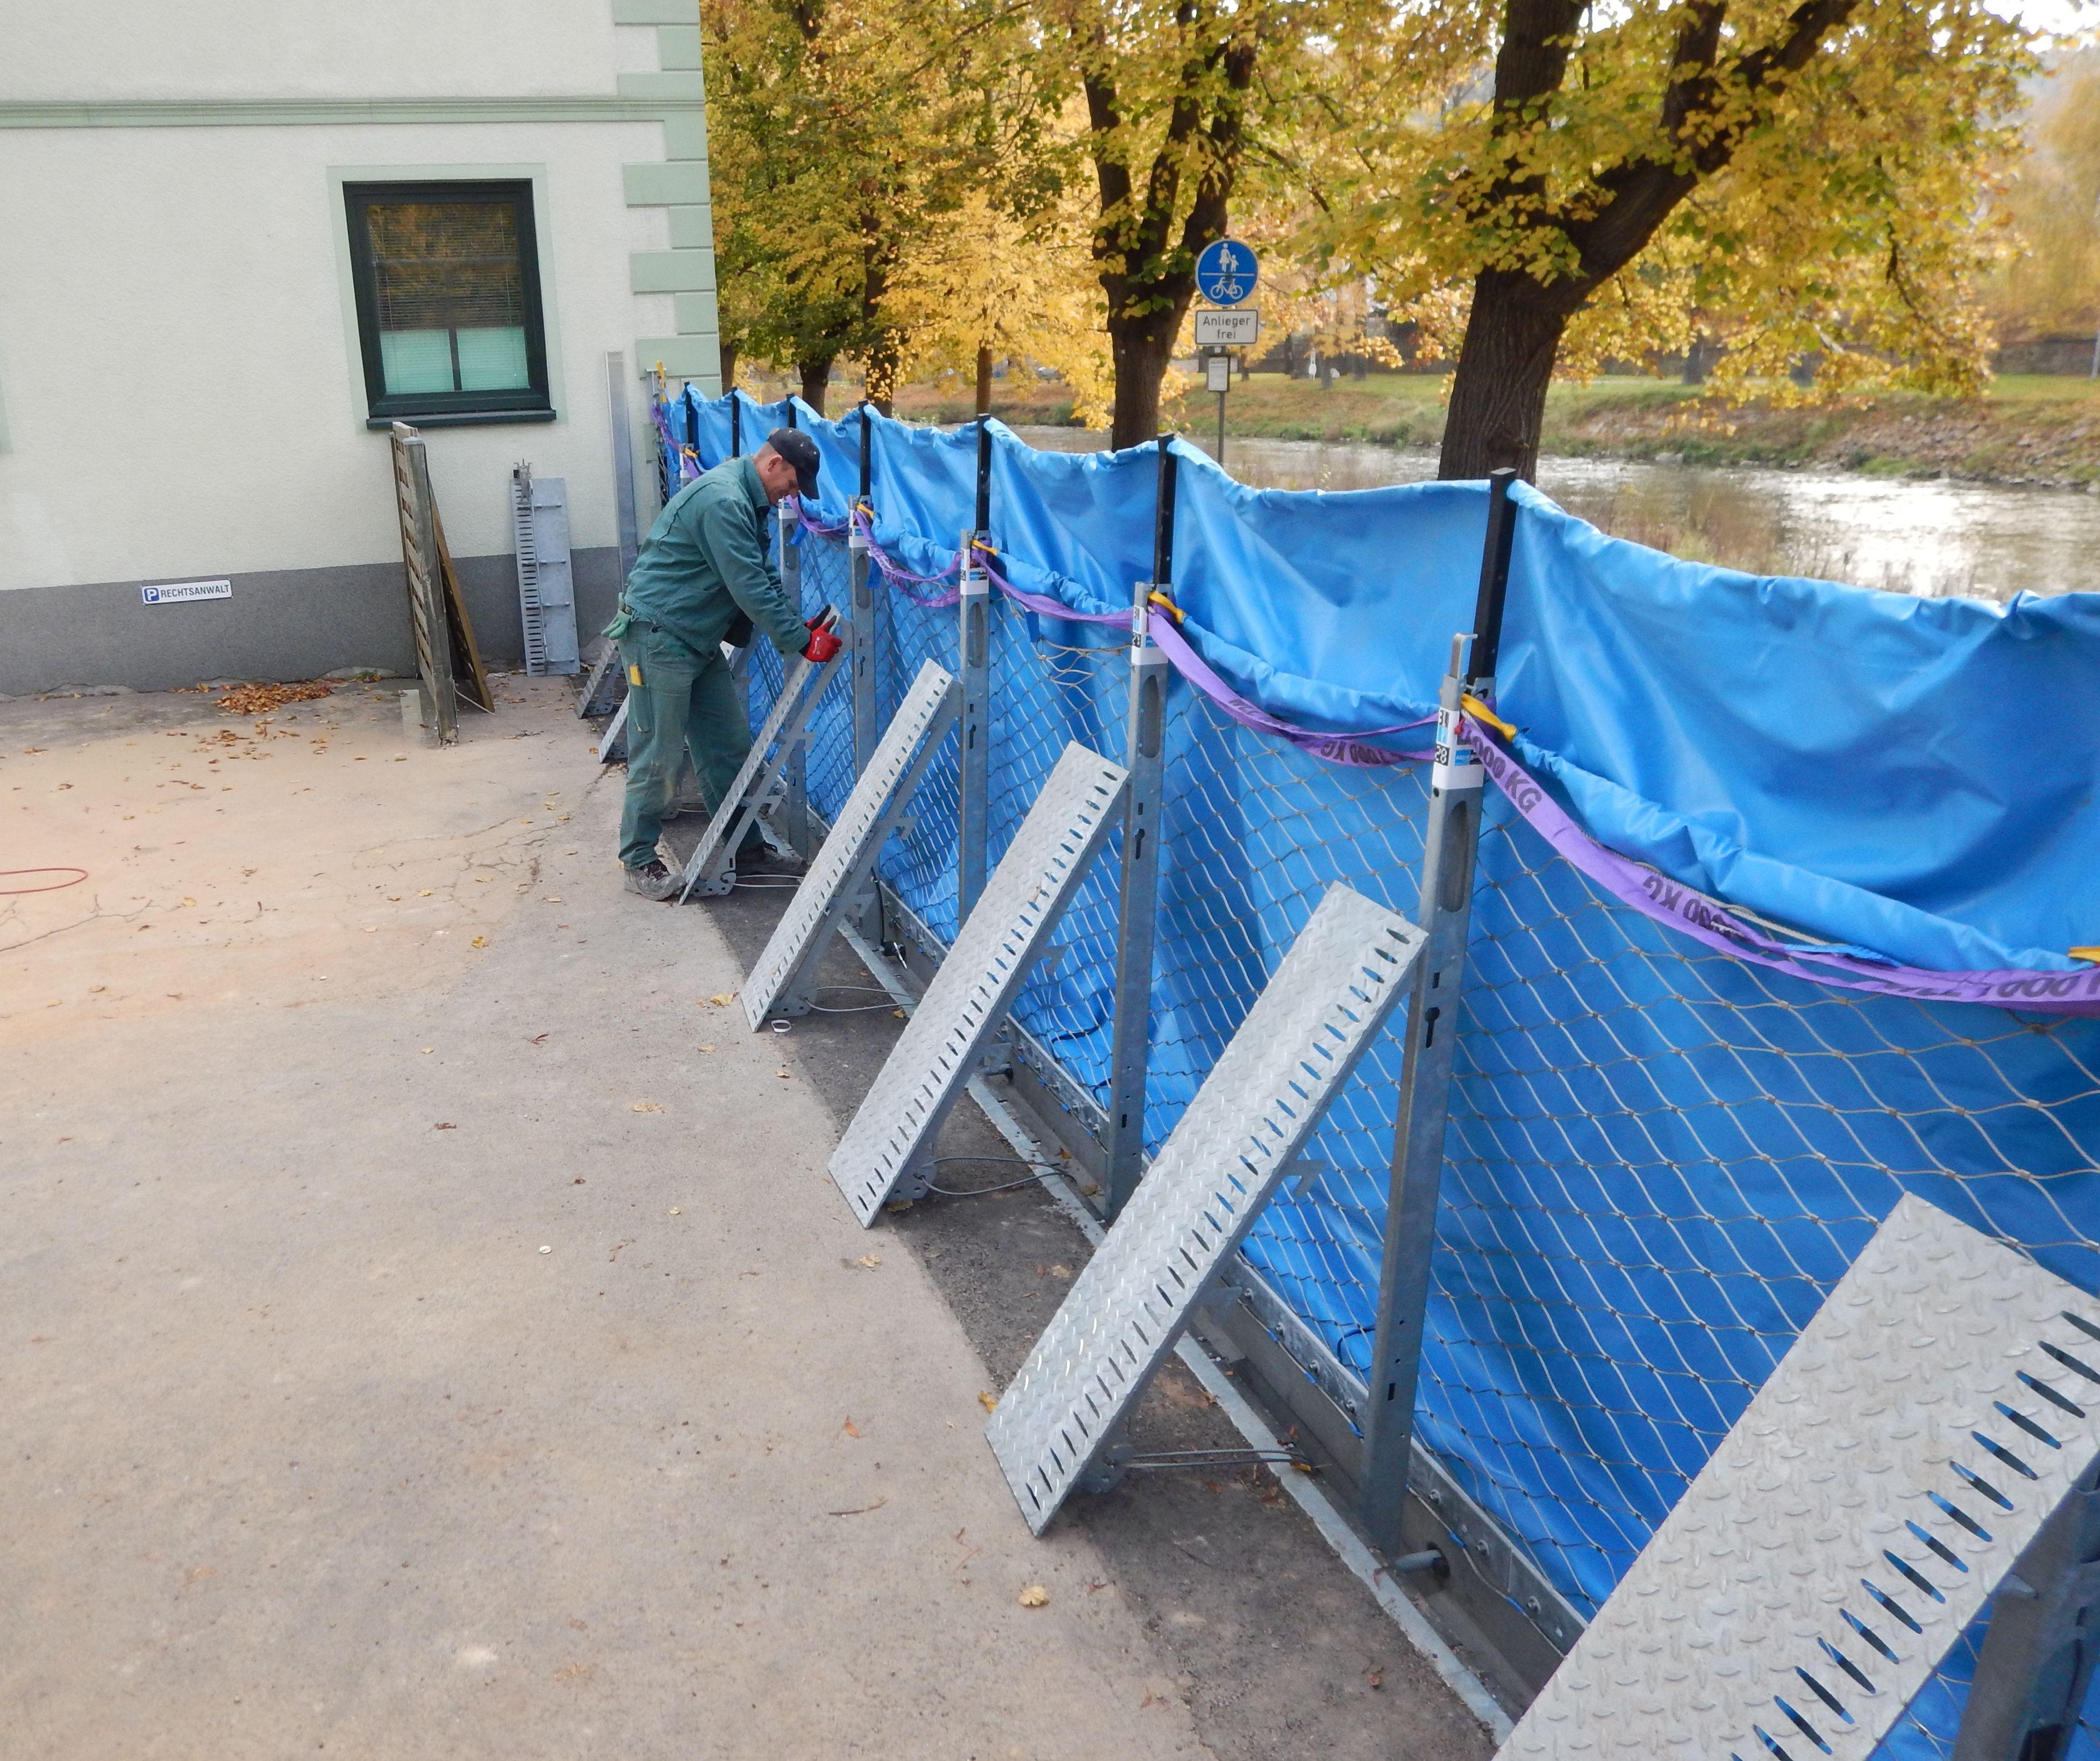 Der mobile Hochwasserschutz in Rosswein, die AquaWand ist aufgebaut